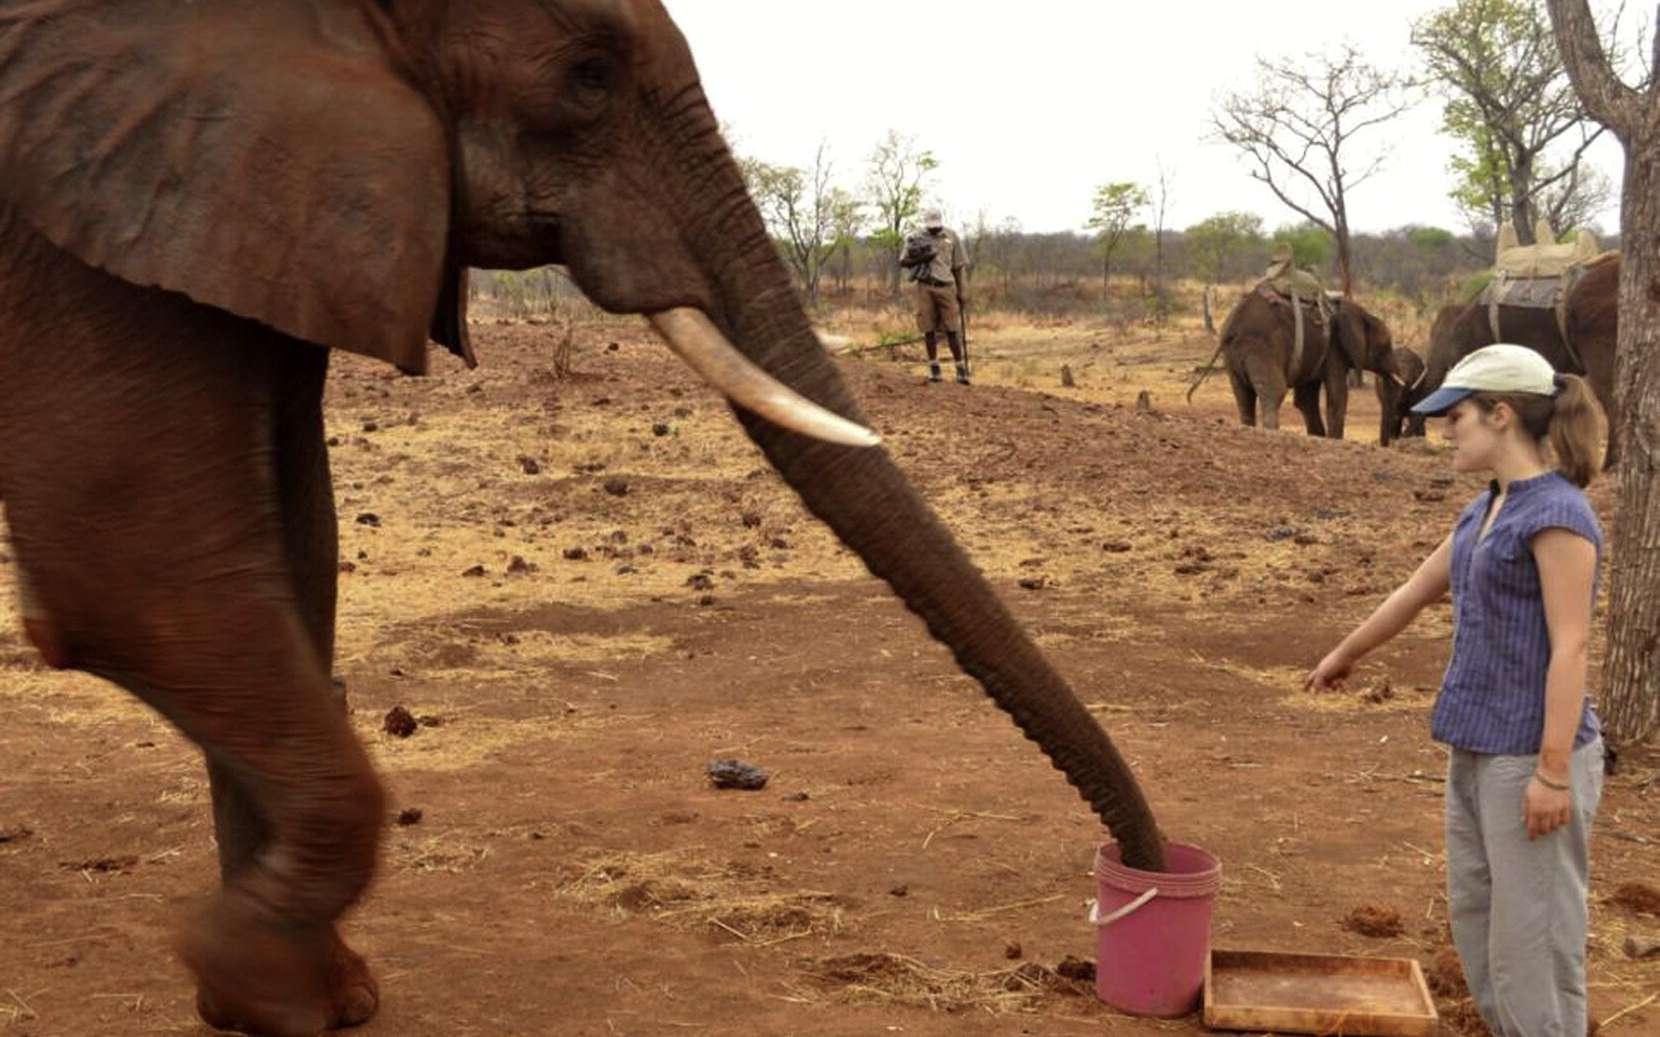 L'éléphant des savanes, Loxodonta africana, est capable d'interpréter le geste de l'Homme : si l'on pointe le doigt vers une cible, l'éléphant la regarde. © Smet et Byrne, Current Biology